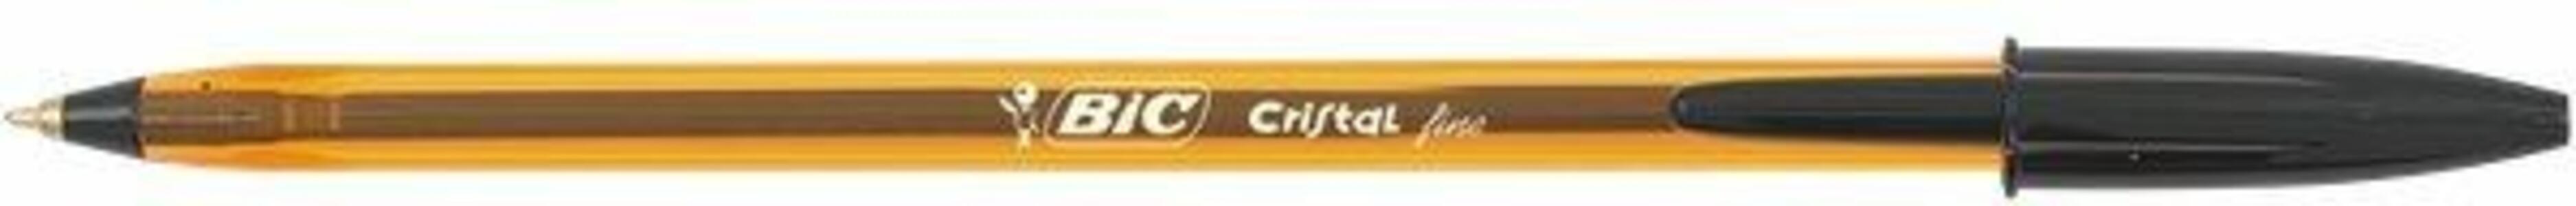 Penna a sfera Bic Cristal fine nero punta 0,8 mm. Confezione da 50